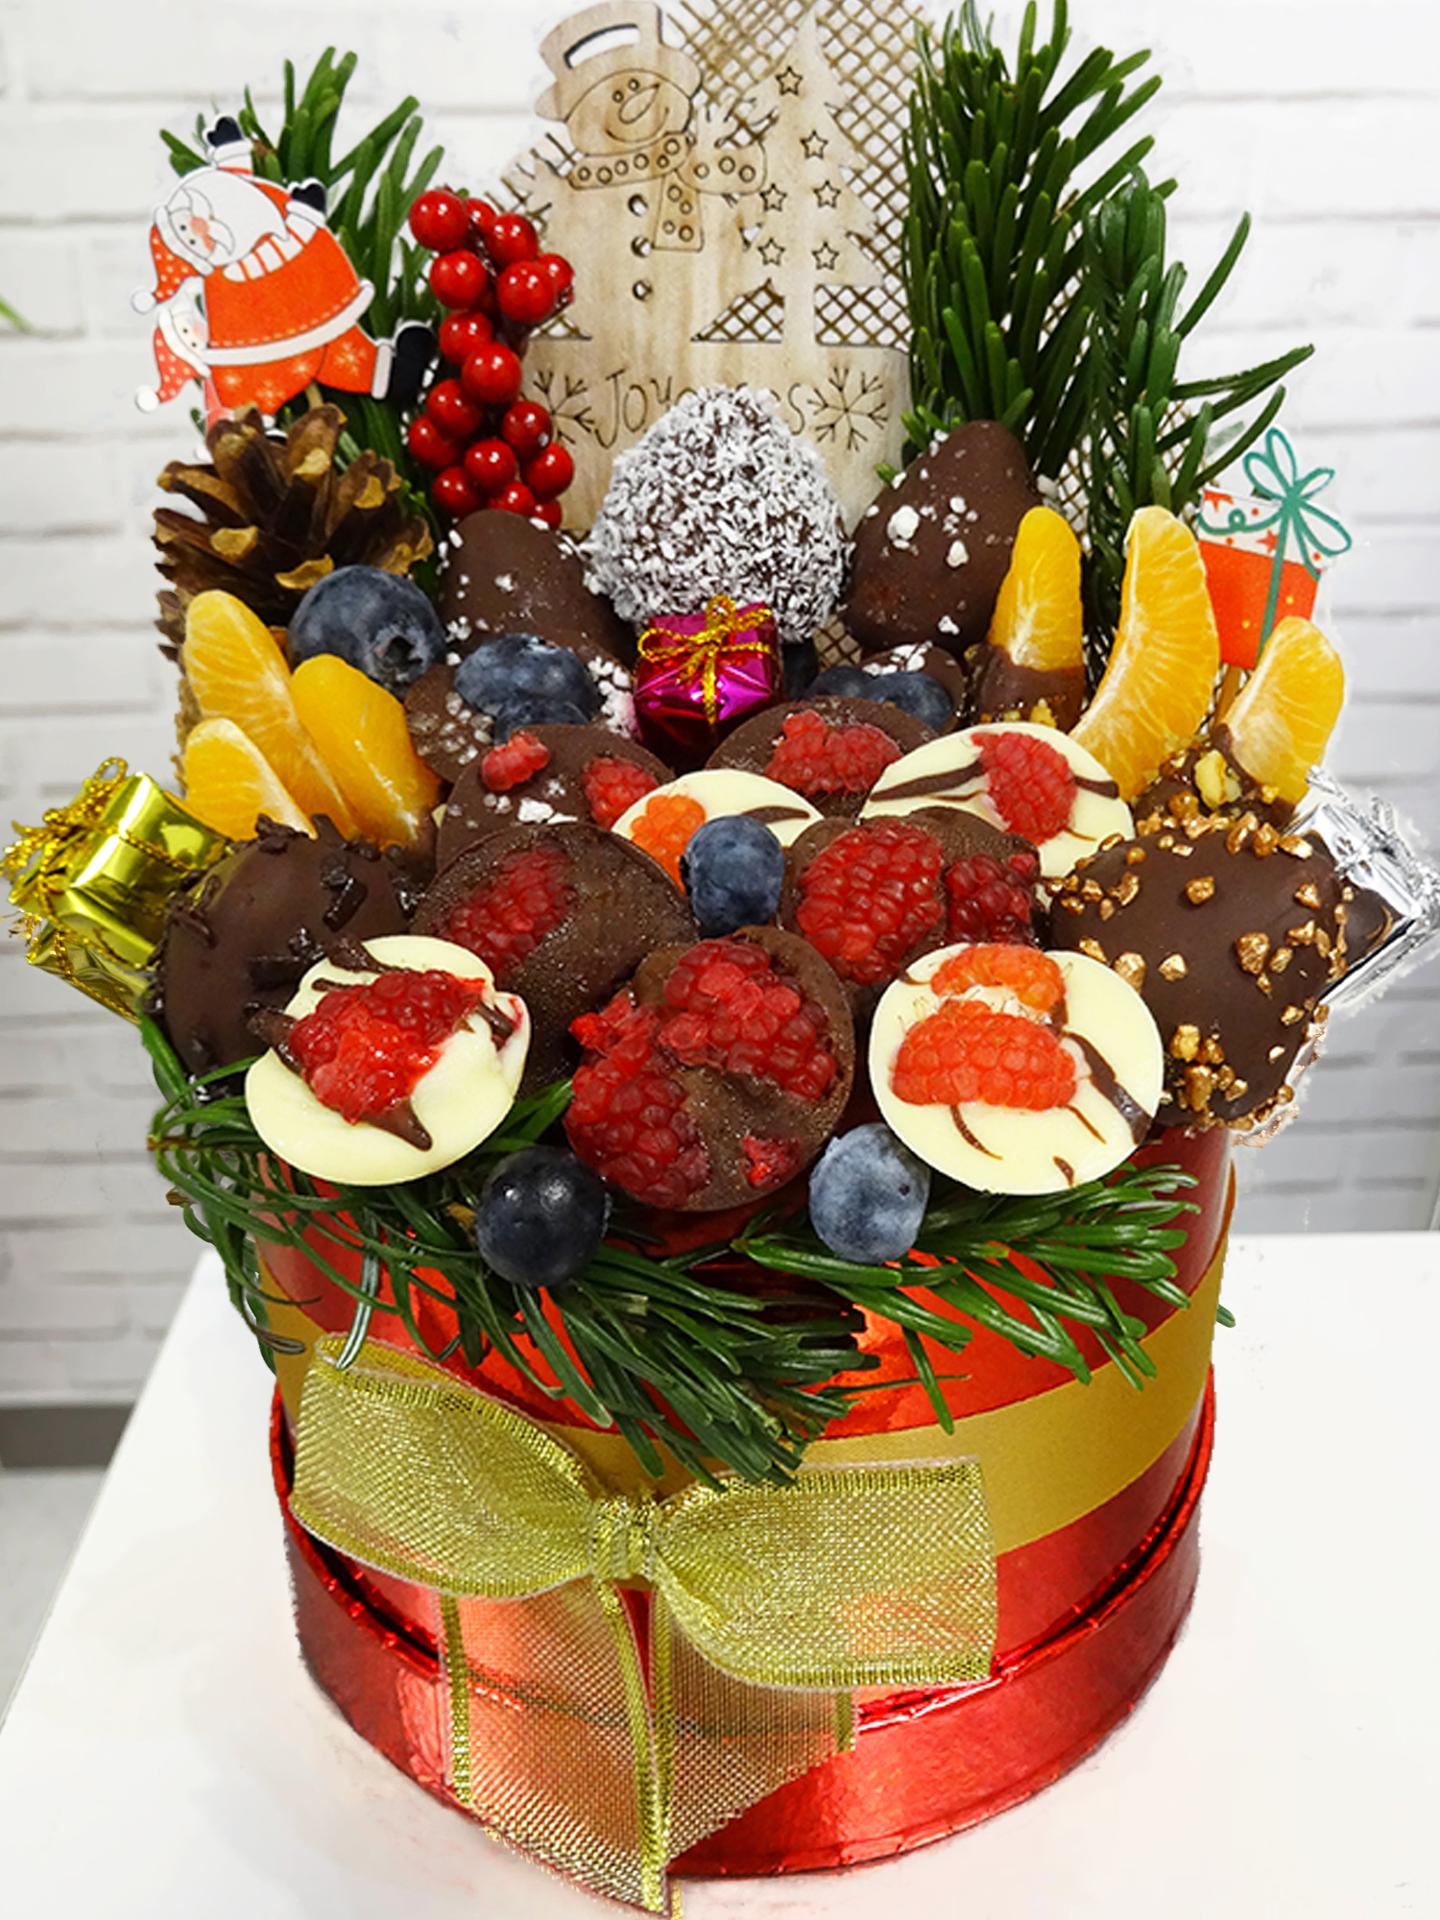 De dix à douze fruits entrent dans la composition de ces délicieux bouquets.